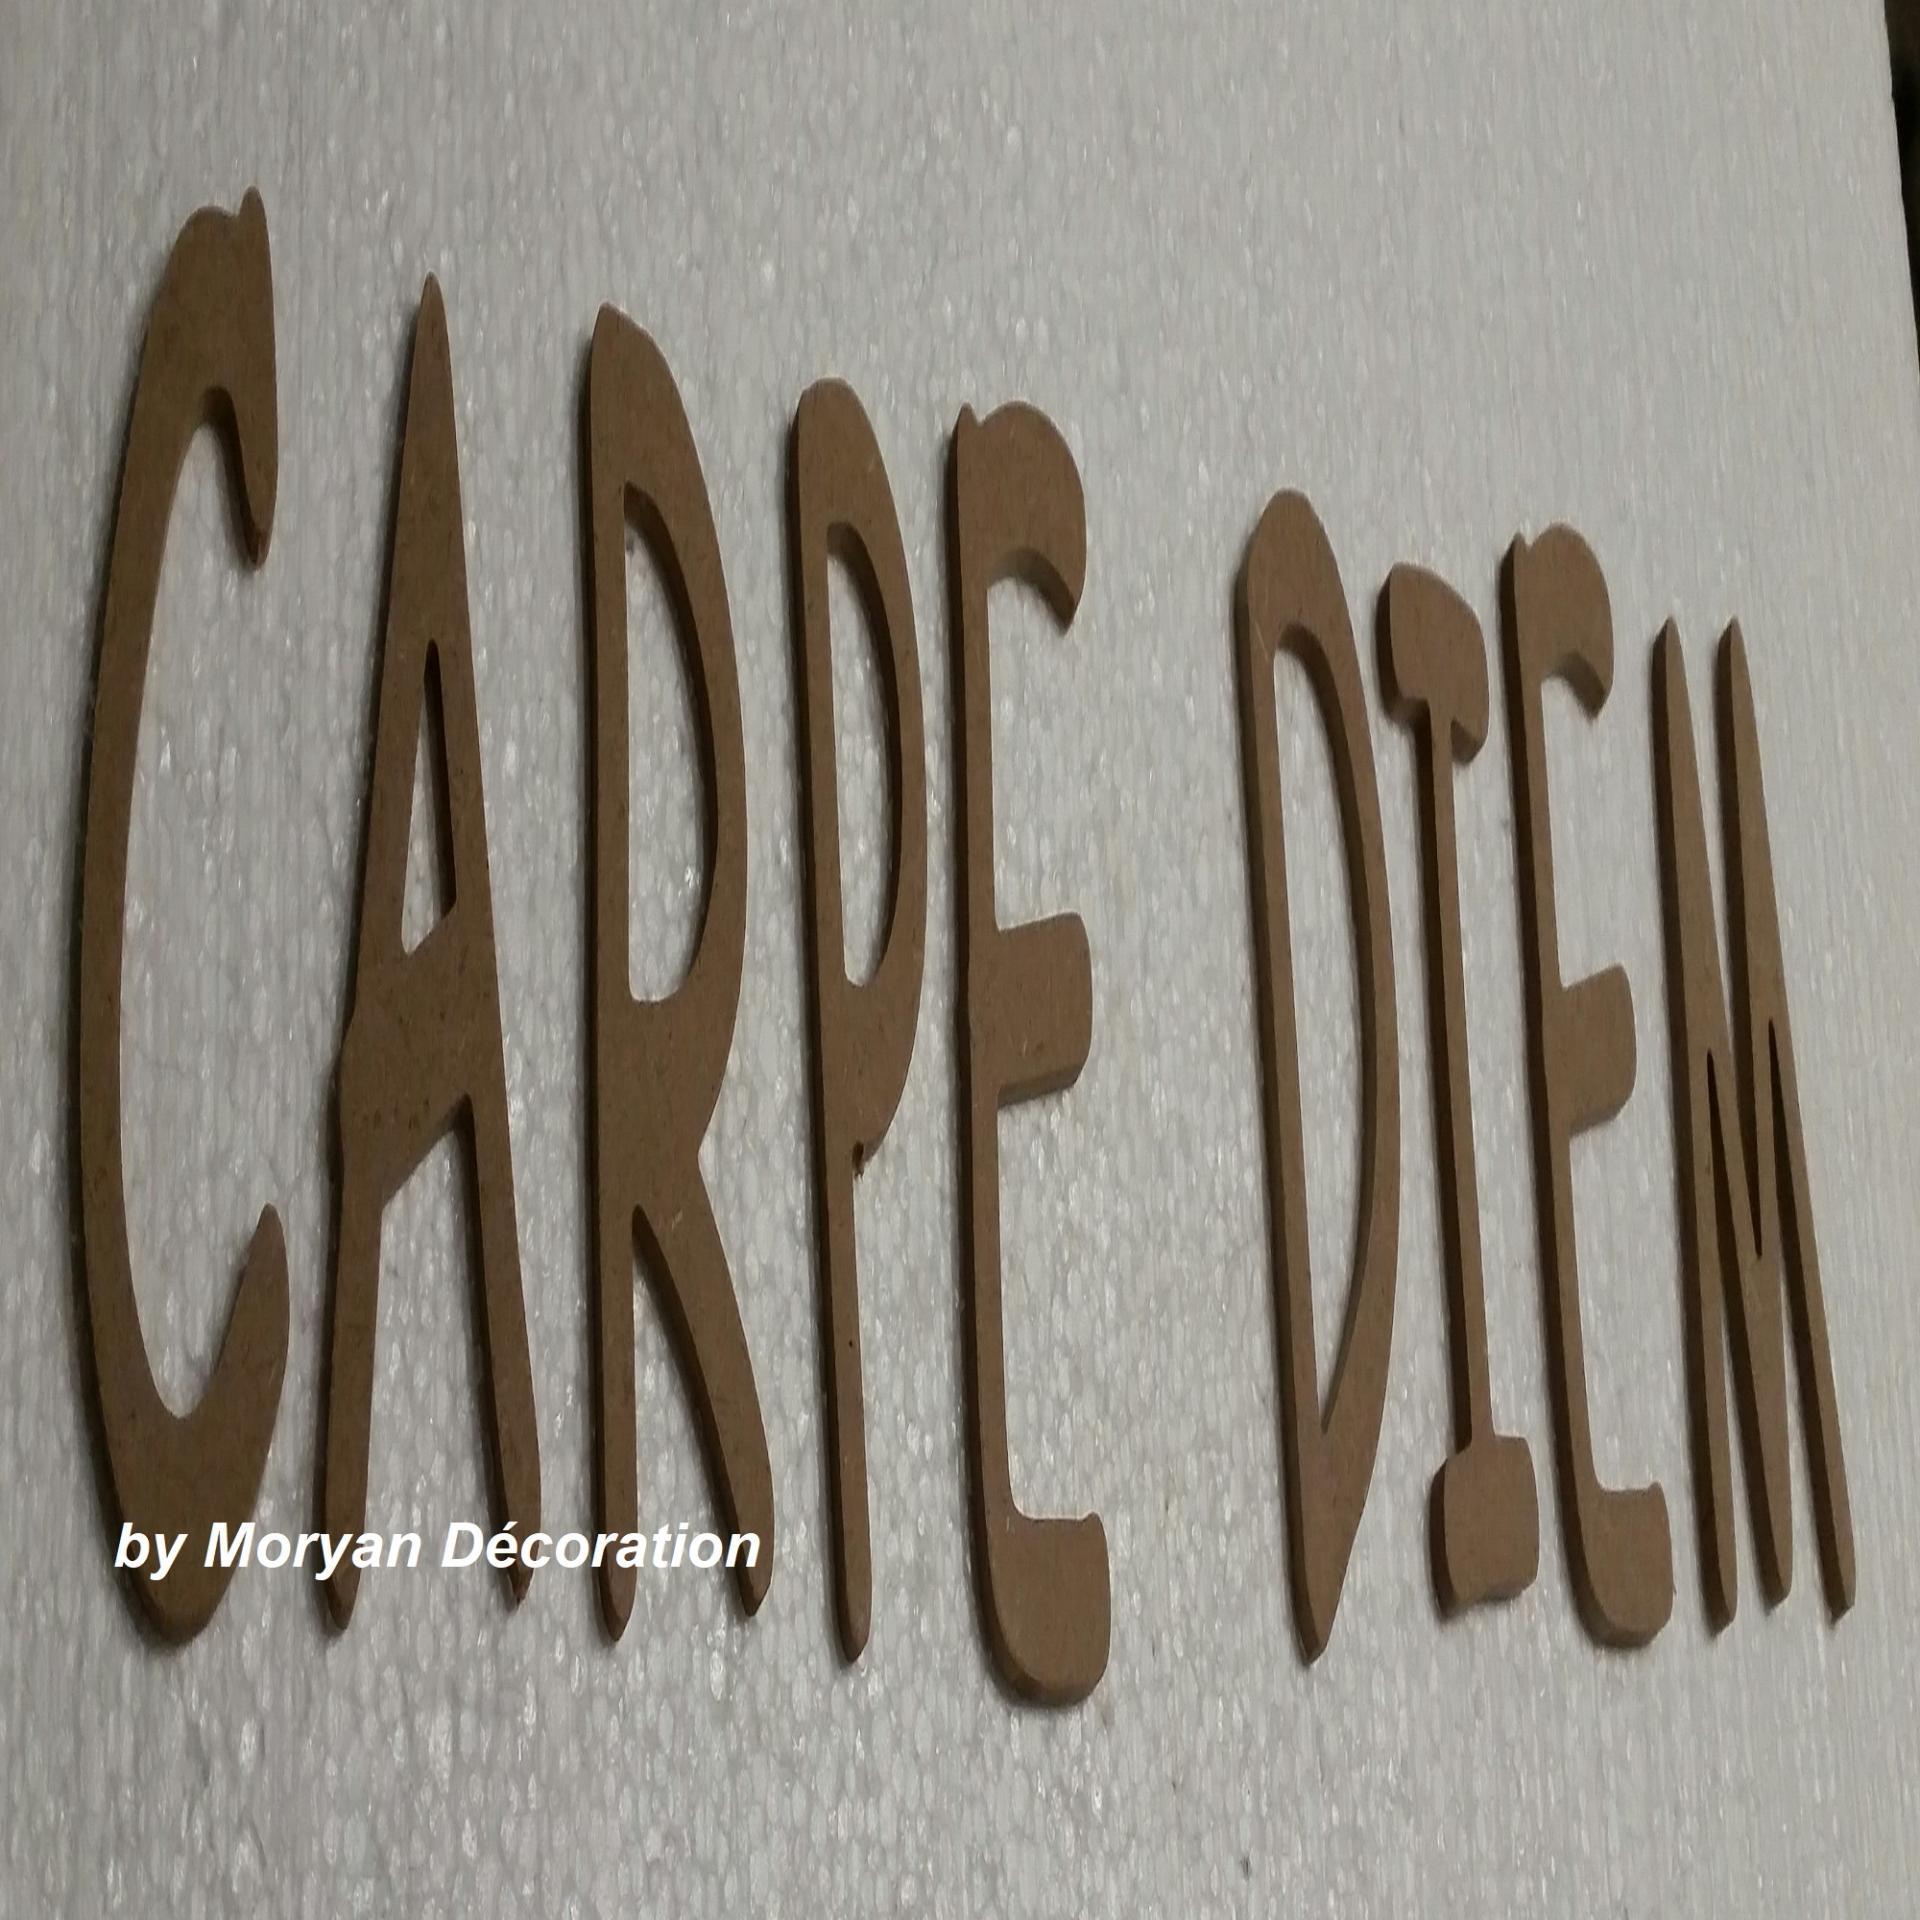 Lettres decoratives en bois a peindre ou a decorer carpe diem